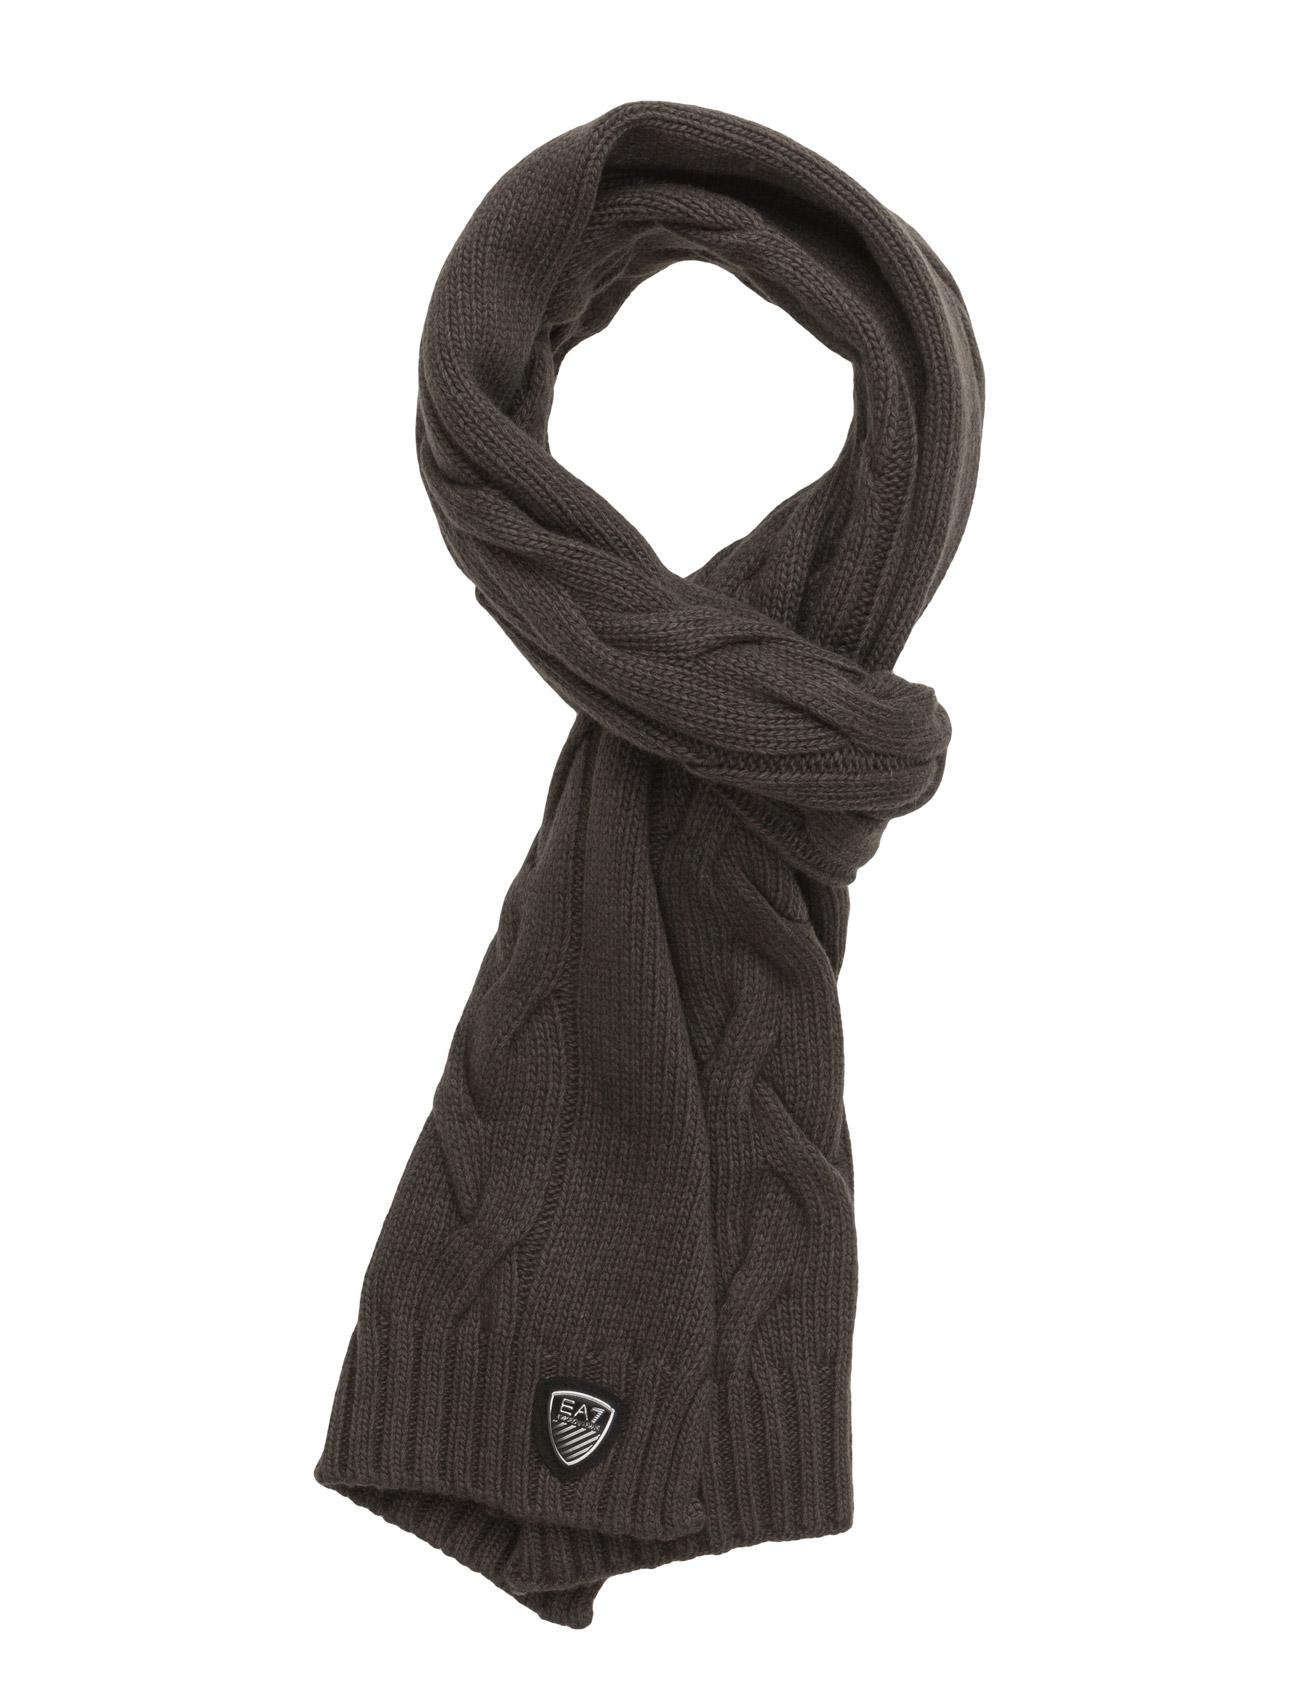 ea7 – Man's knit scarf på boozt.com dk